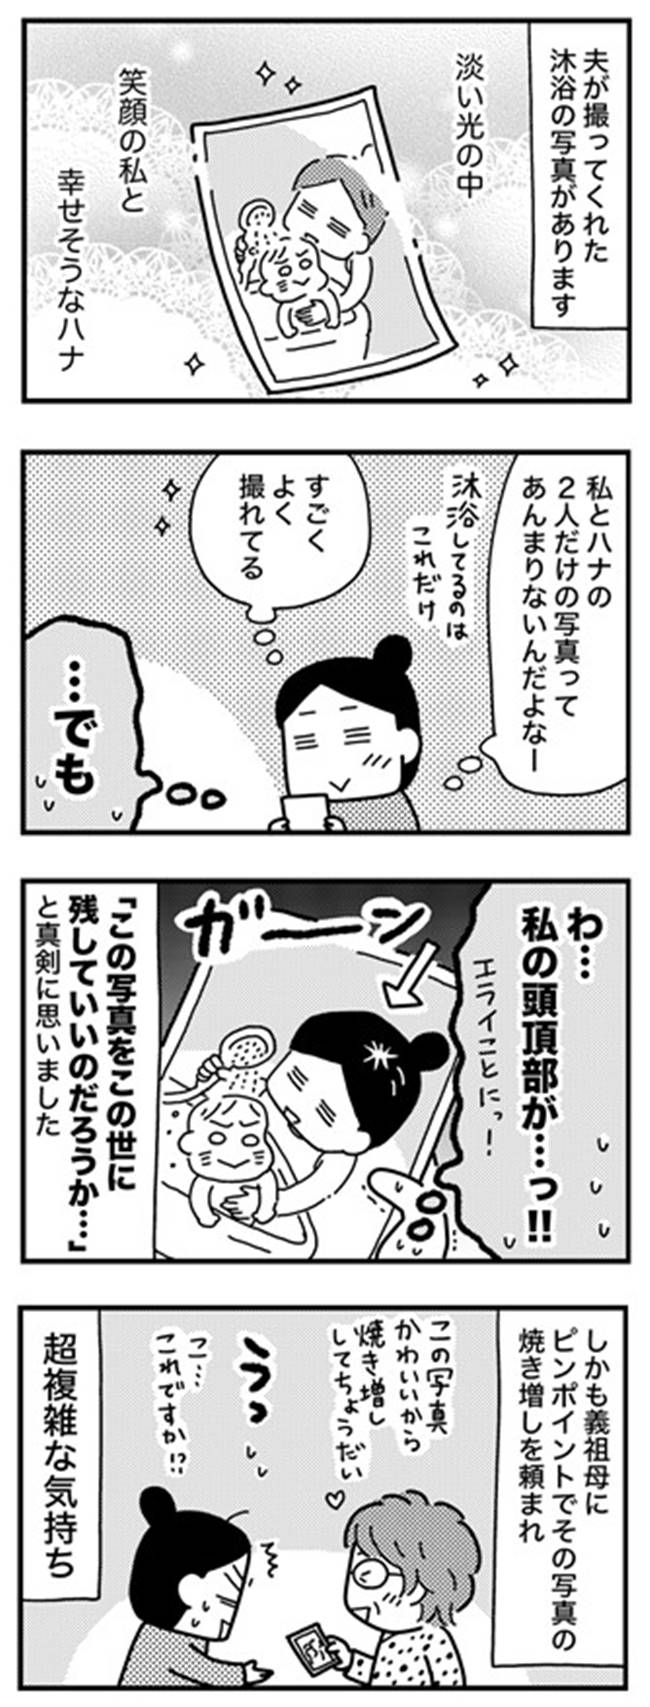 和田さん129話